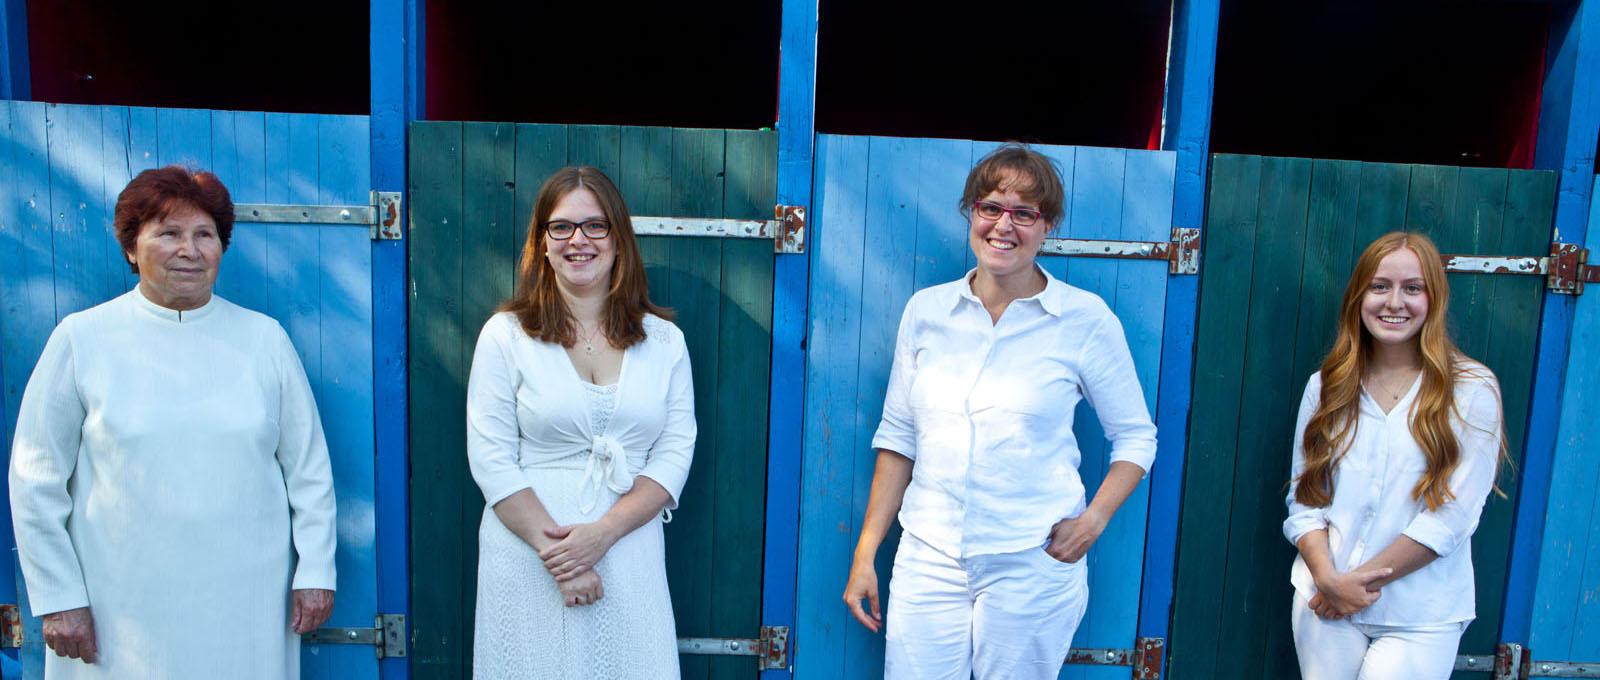 Die Täuflinge vor der Umkleidekabine: Maria Ehrlich, Carina Niehaus, Annegret Muchalla und Annsophie Zeeb. ©Martens